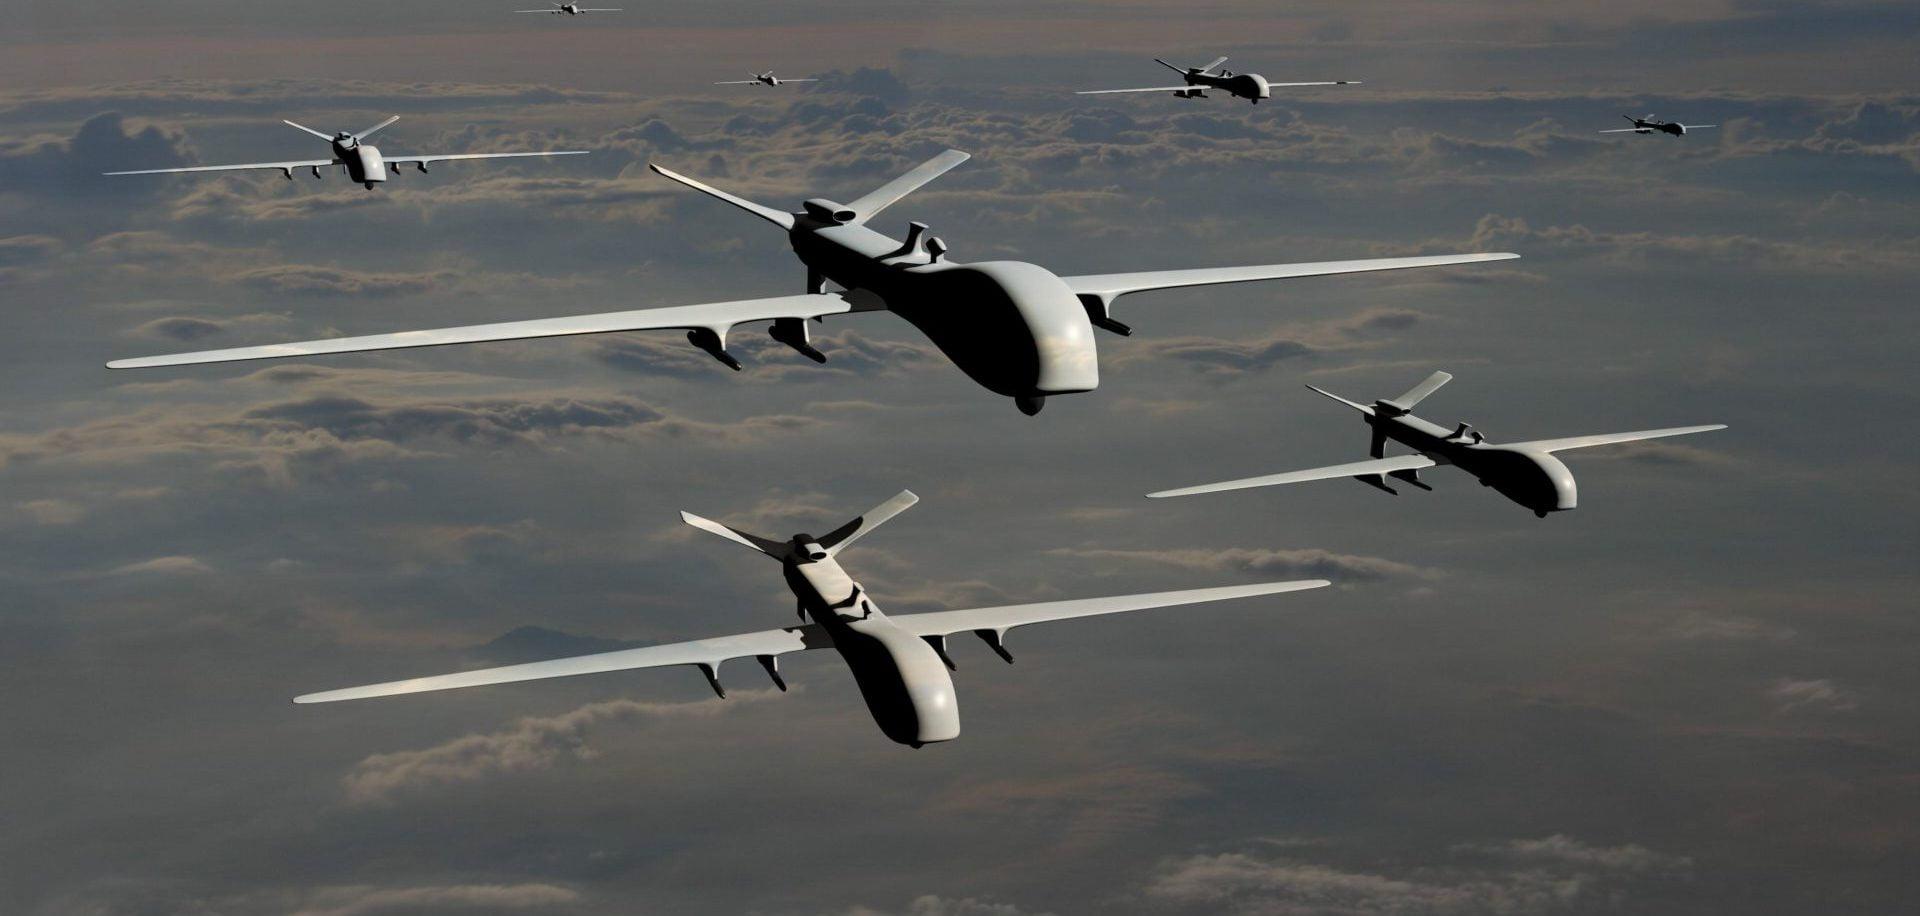 ΤΟΥΛΑΧΙΣΤΟΝ 180 UAV ΓΙΑ ΤΟΝ ΙΡΑΝΙΚΟ ΣΤΡΑΤΟ: Ο Ιρανικός στρατός προετοιμάζεται για μαχη